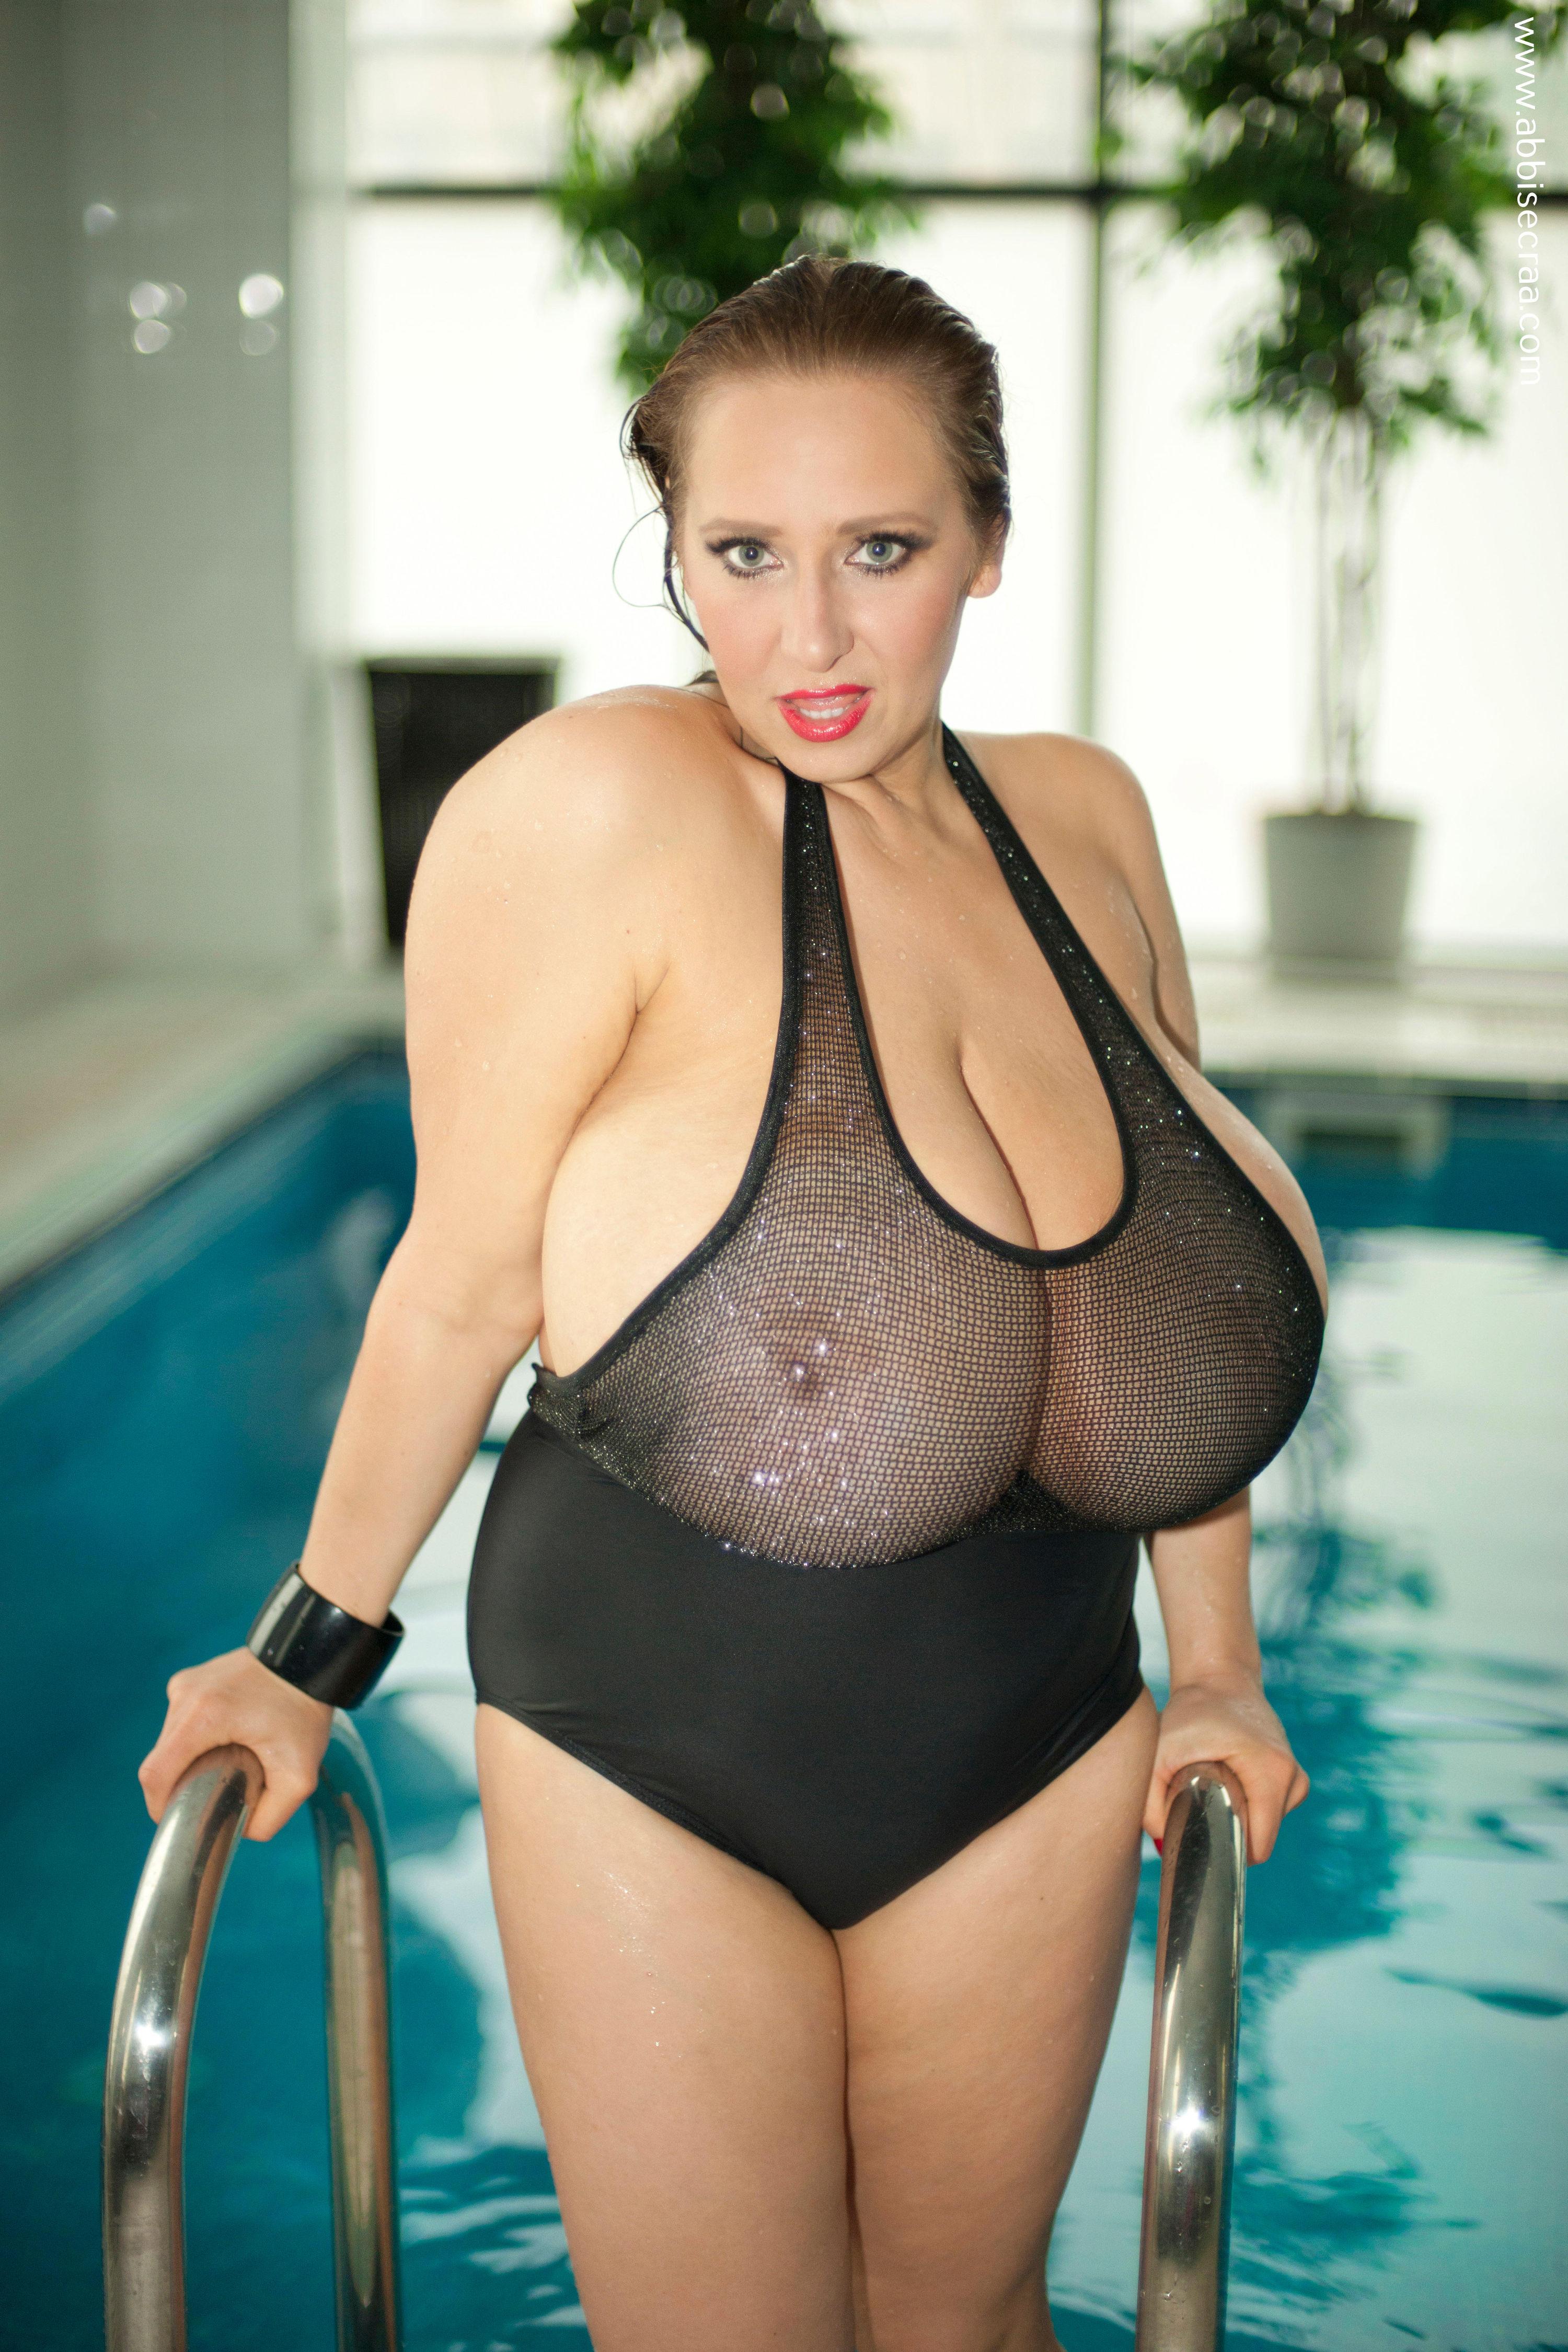 Coming in June...swimming-pool